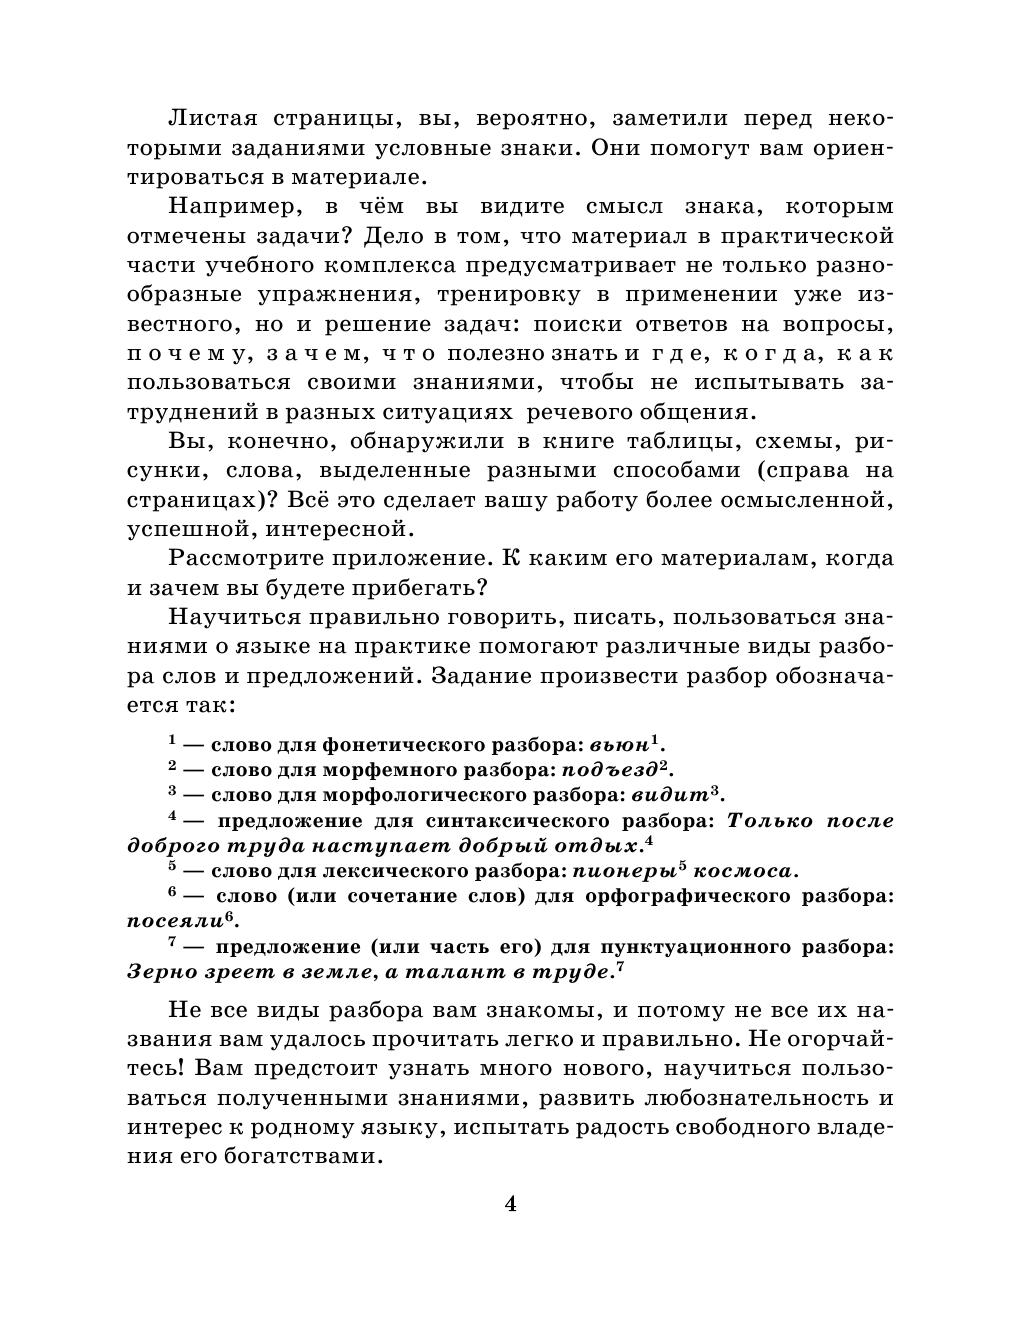 uchebnik-russkiy-yazik-5-klass-avtor-kupalova-praktika-skachat-biologii-prezentatsiya